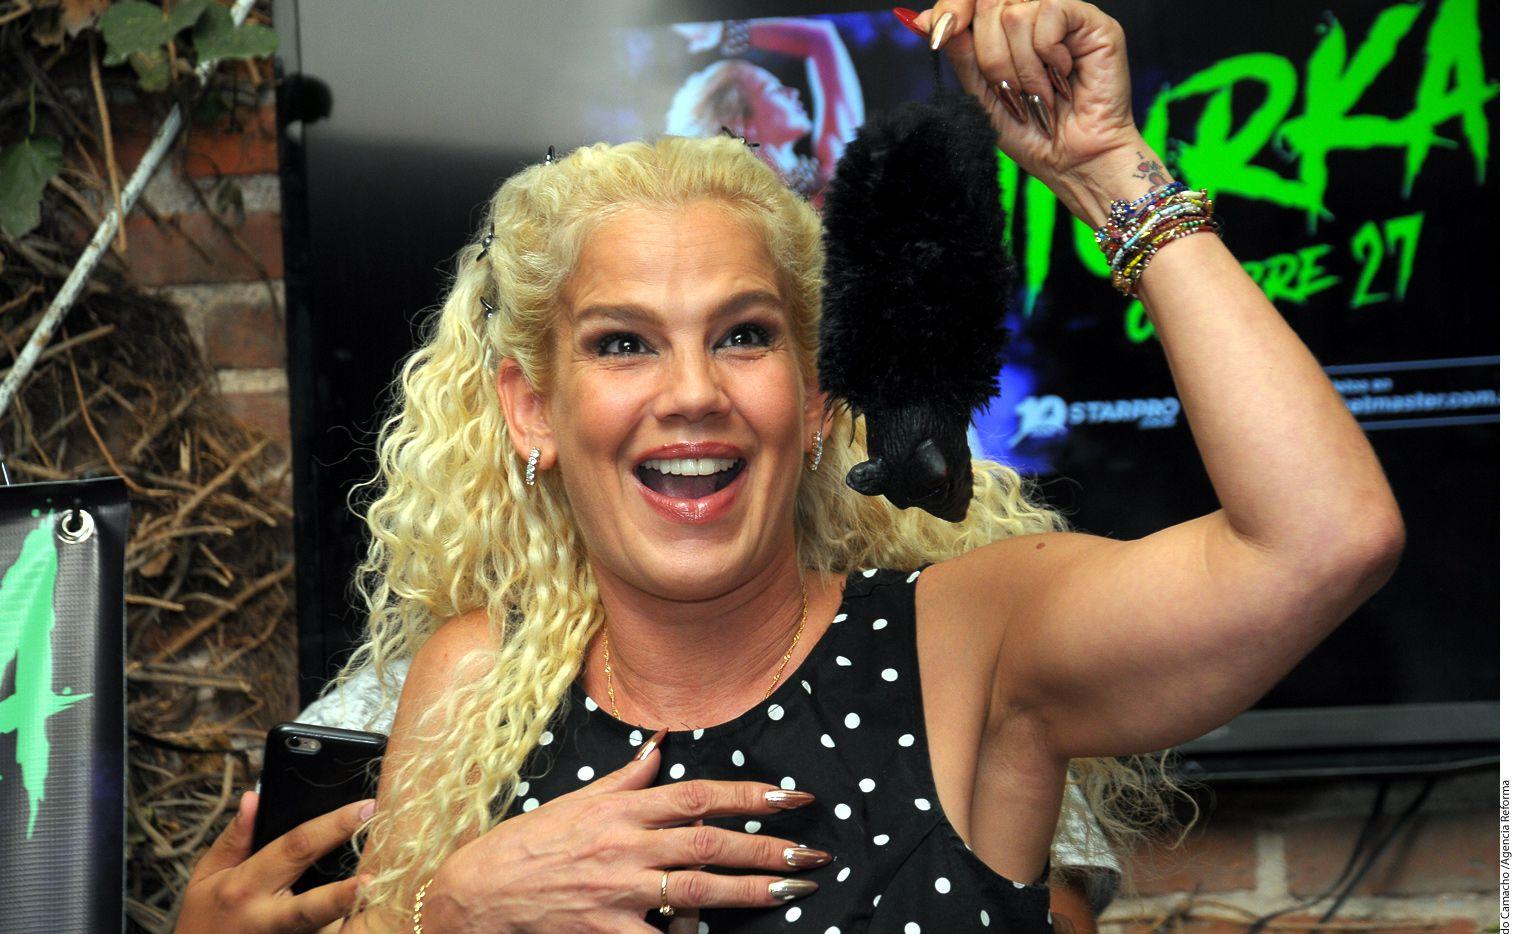 La cubana Niurka cree que la hermana de Thalía, Laura Zapata, es más vulgar que ella por todo lo que ha dicho en los últimos días. /AGENCIA REFORMA